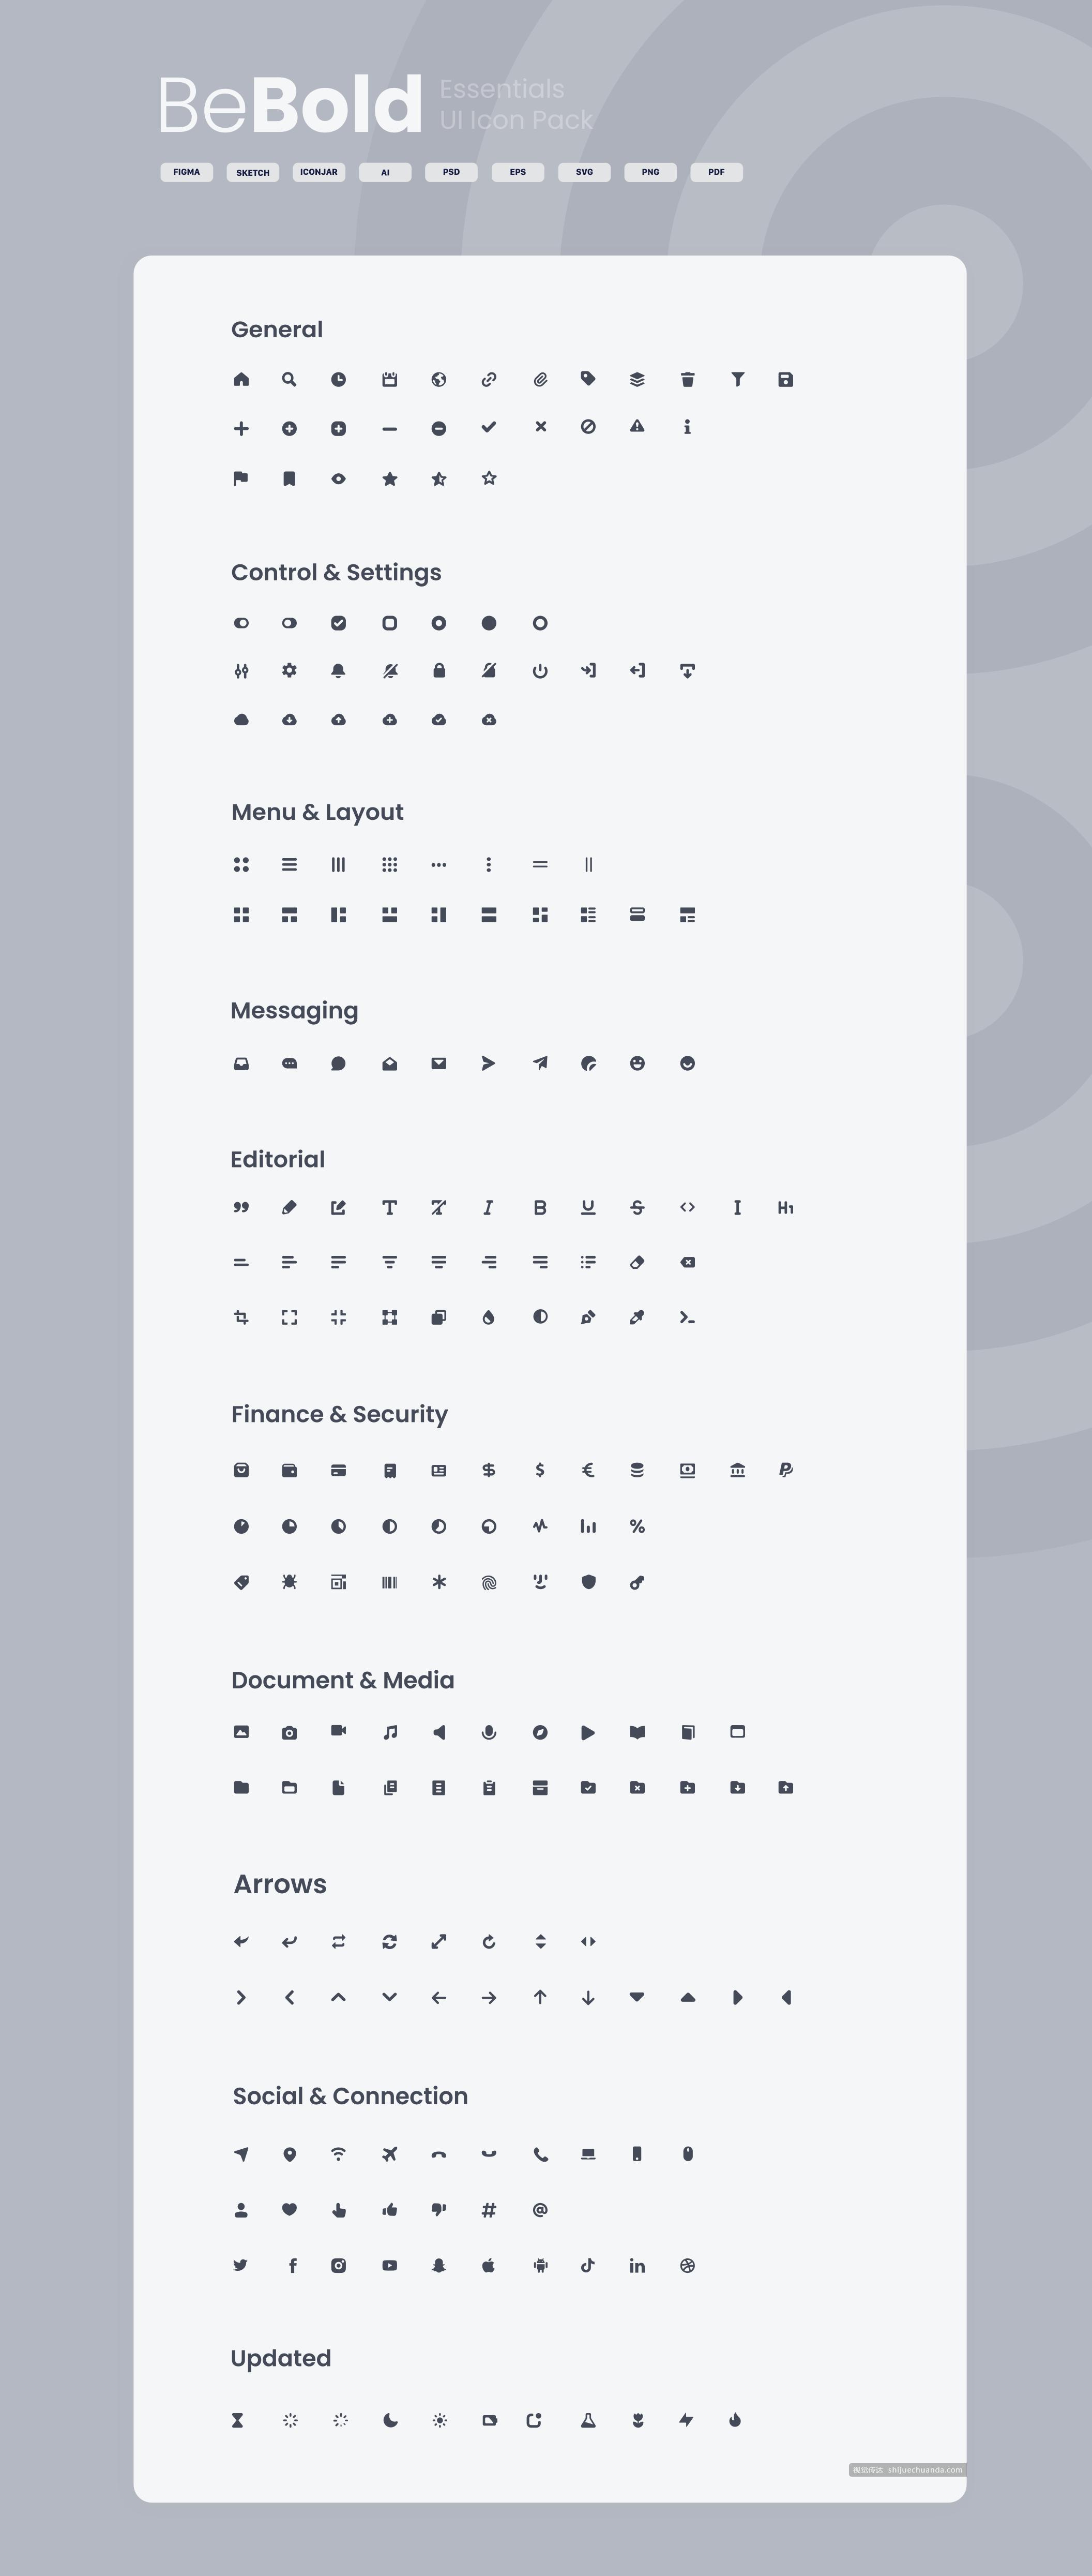 222个常用的UI图标合集 BeBold Essentials UI Icon Pack